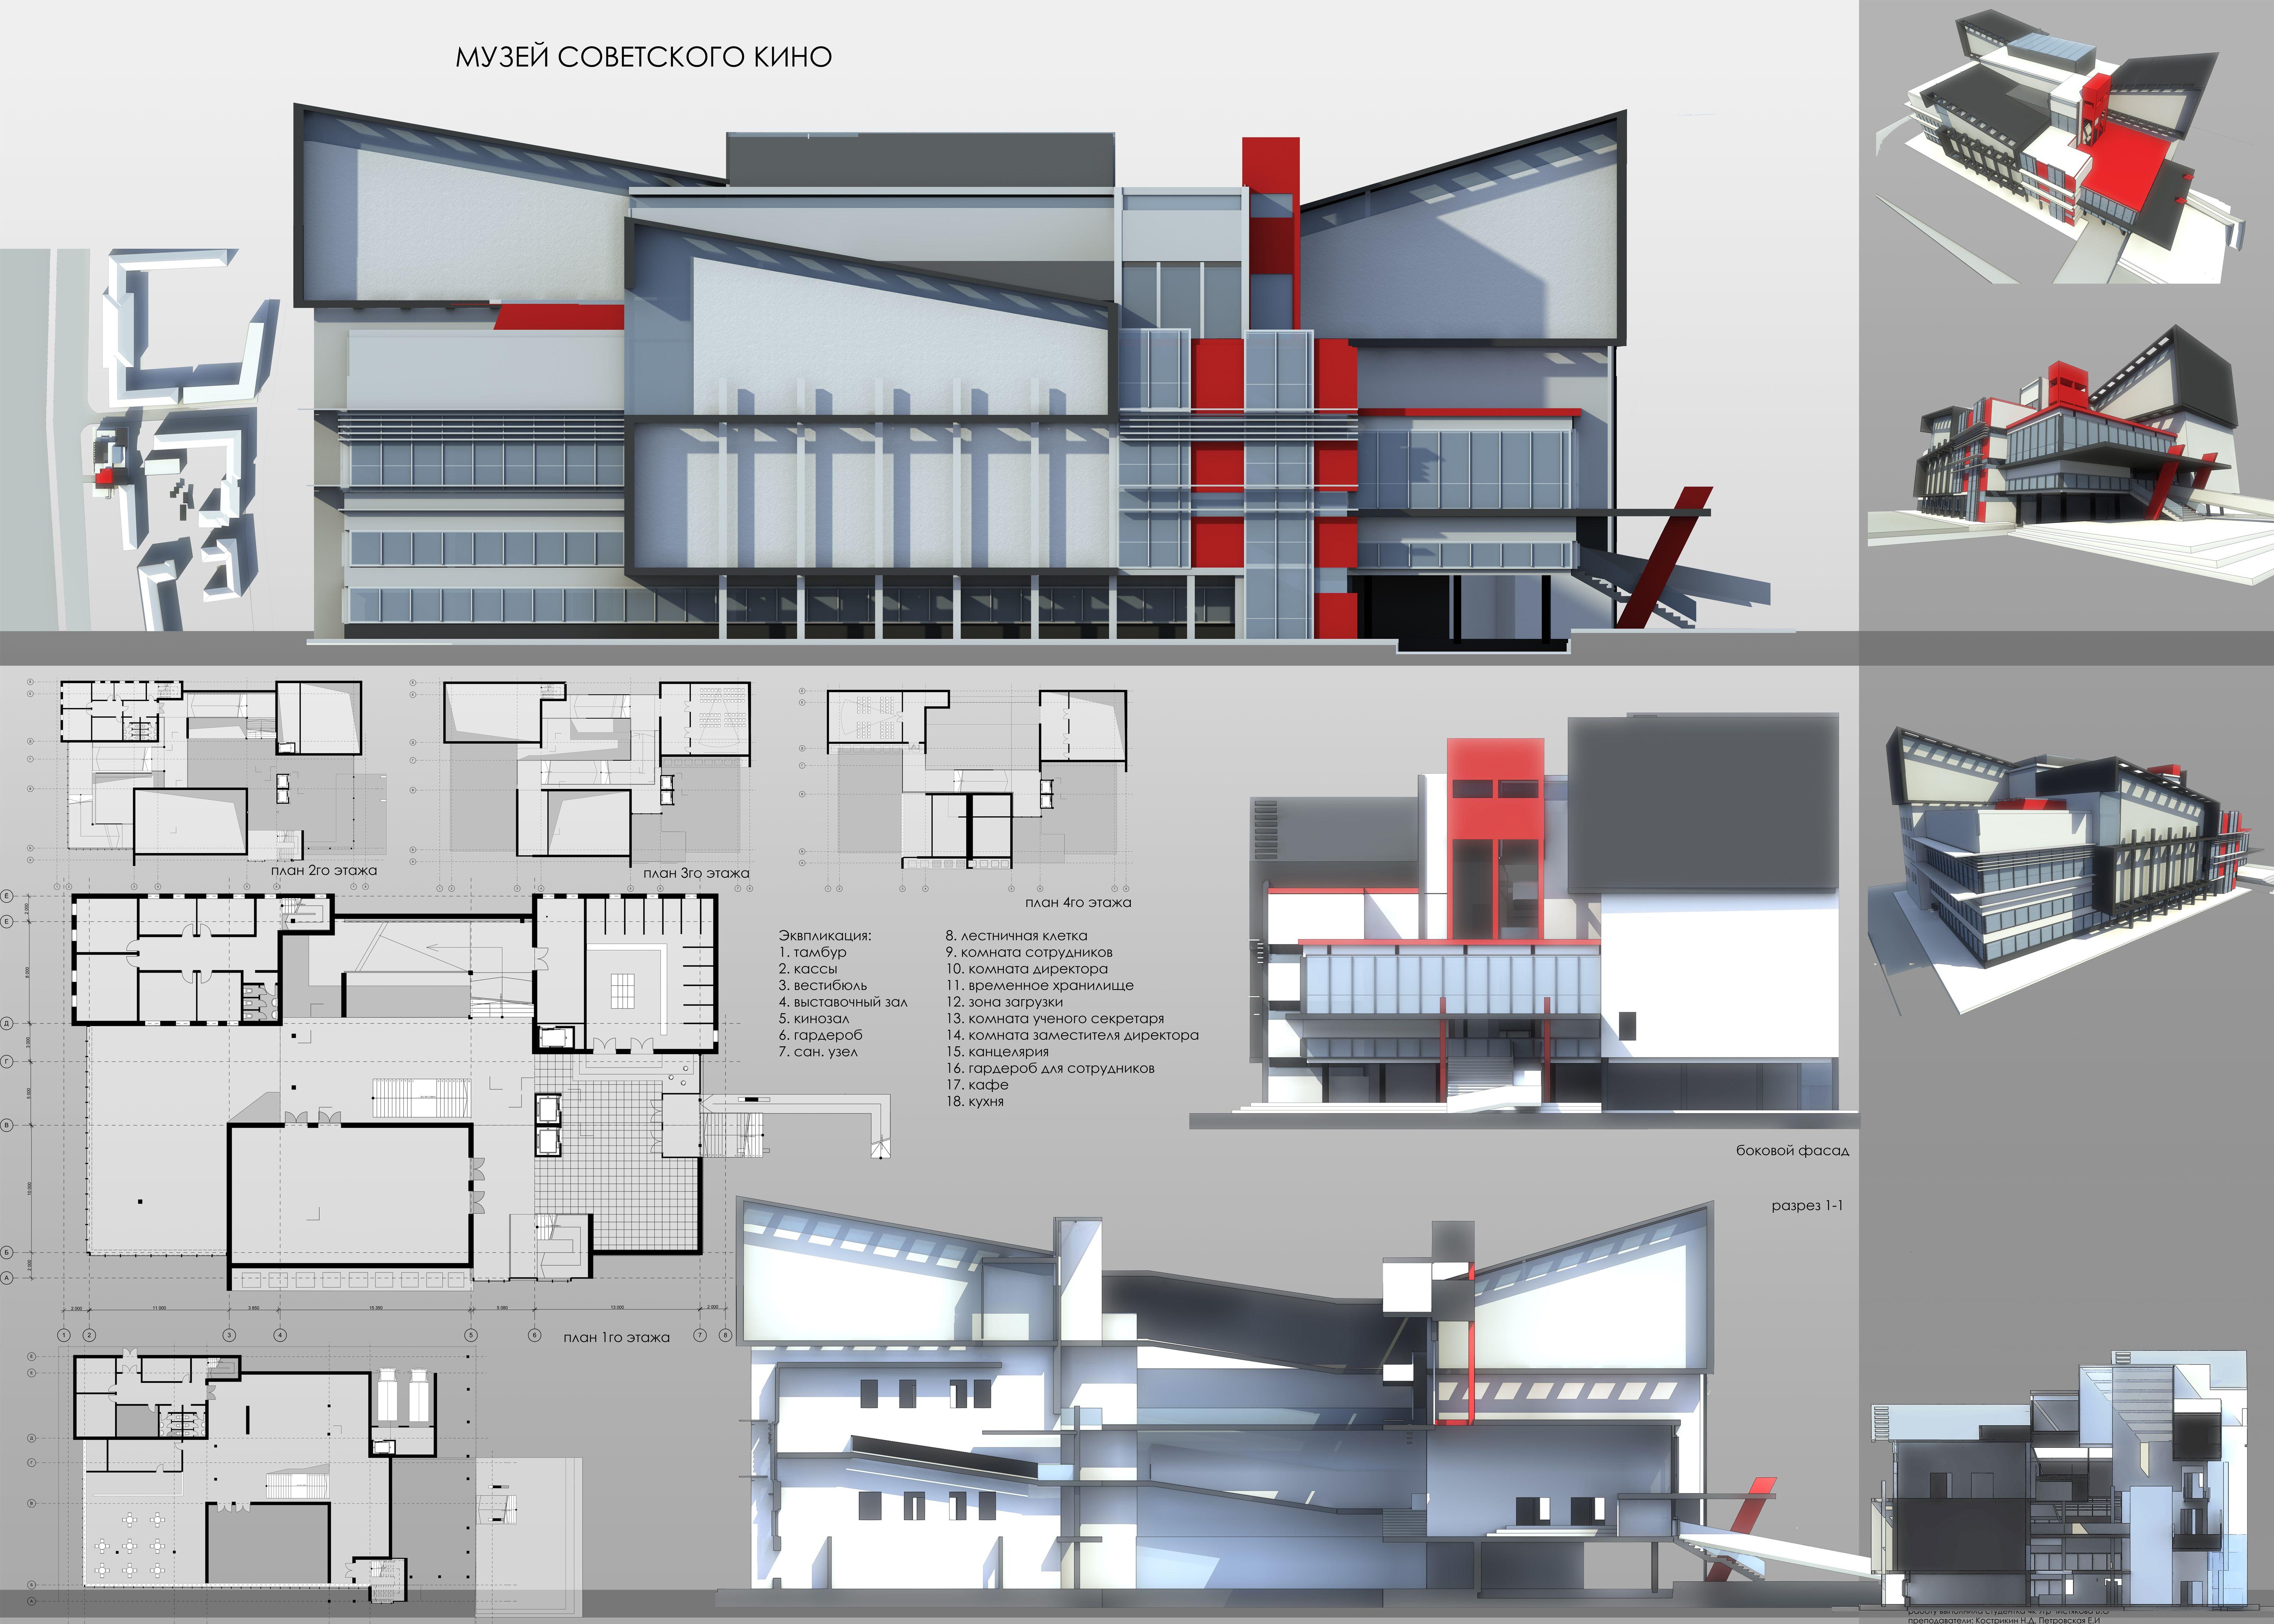 проект — Работа №12 — Портфолио фрилансера Валерия Горбунова (Valeria91) — Weblancer.net